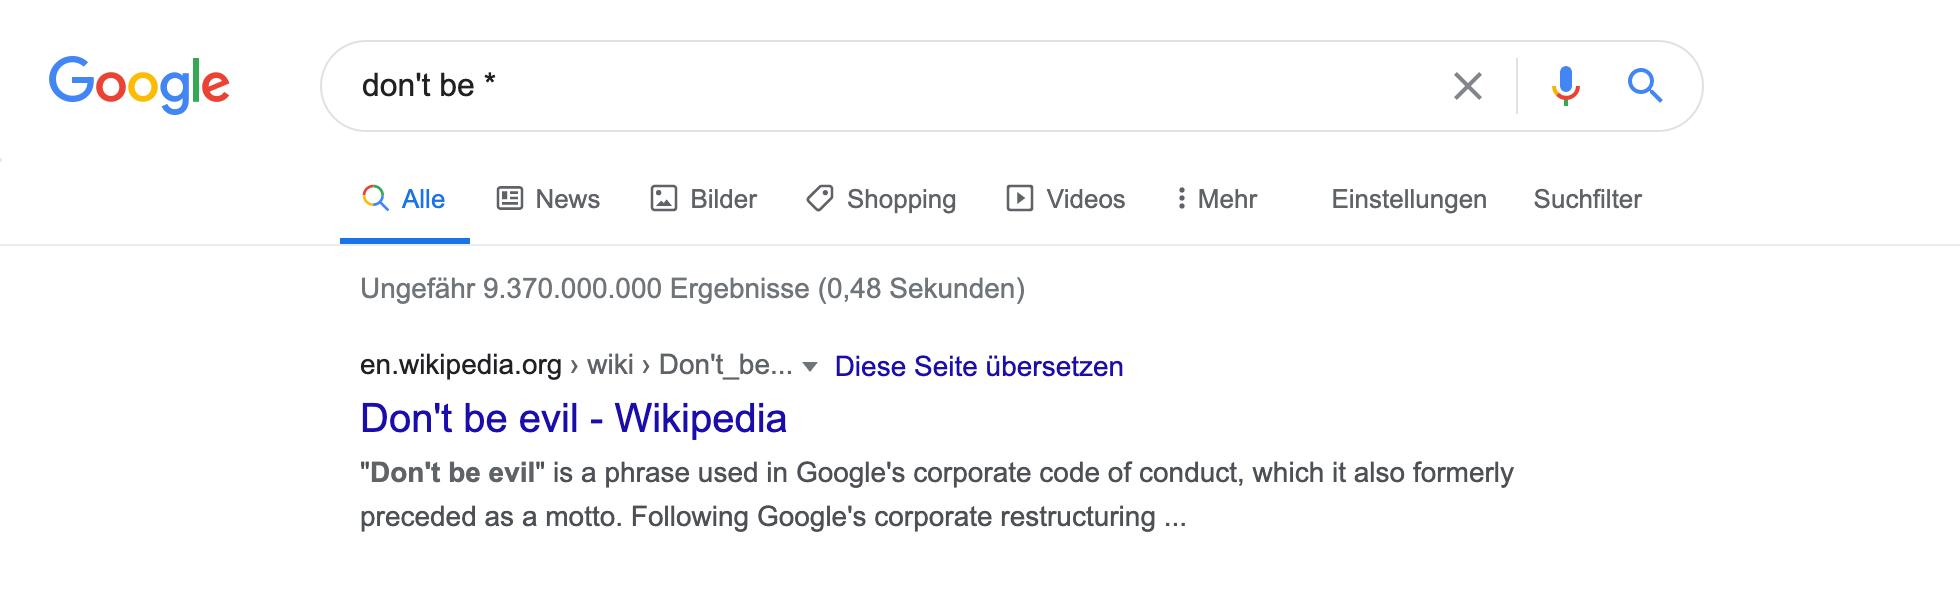 """Zeigt eine Beispiel-Google-Suche für das Keyword """"don't be *"""" mit Sternchen an."""